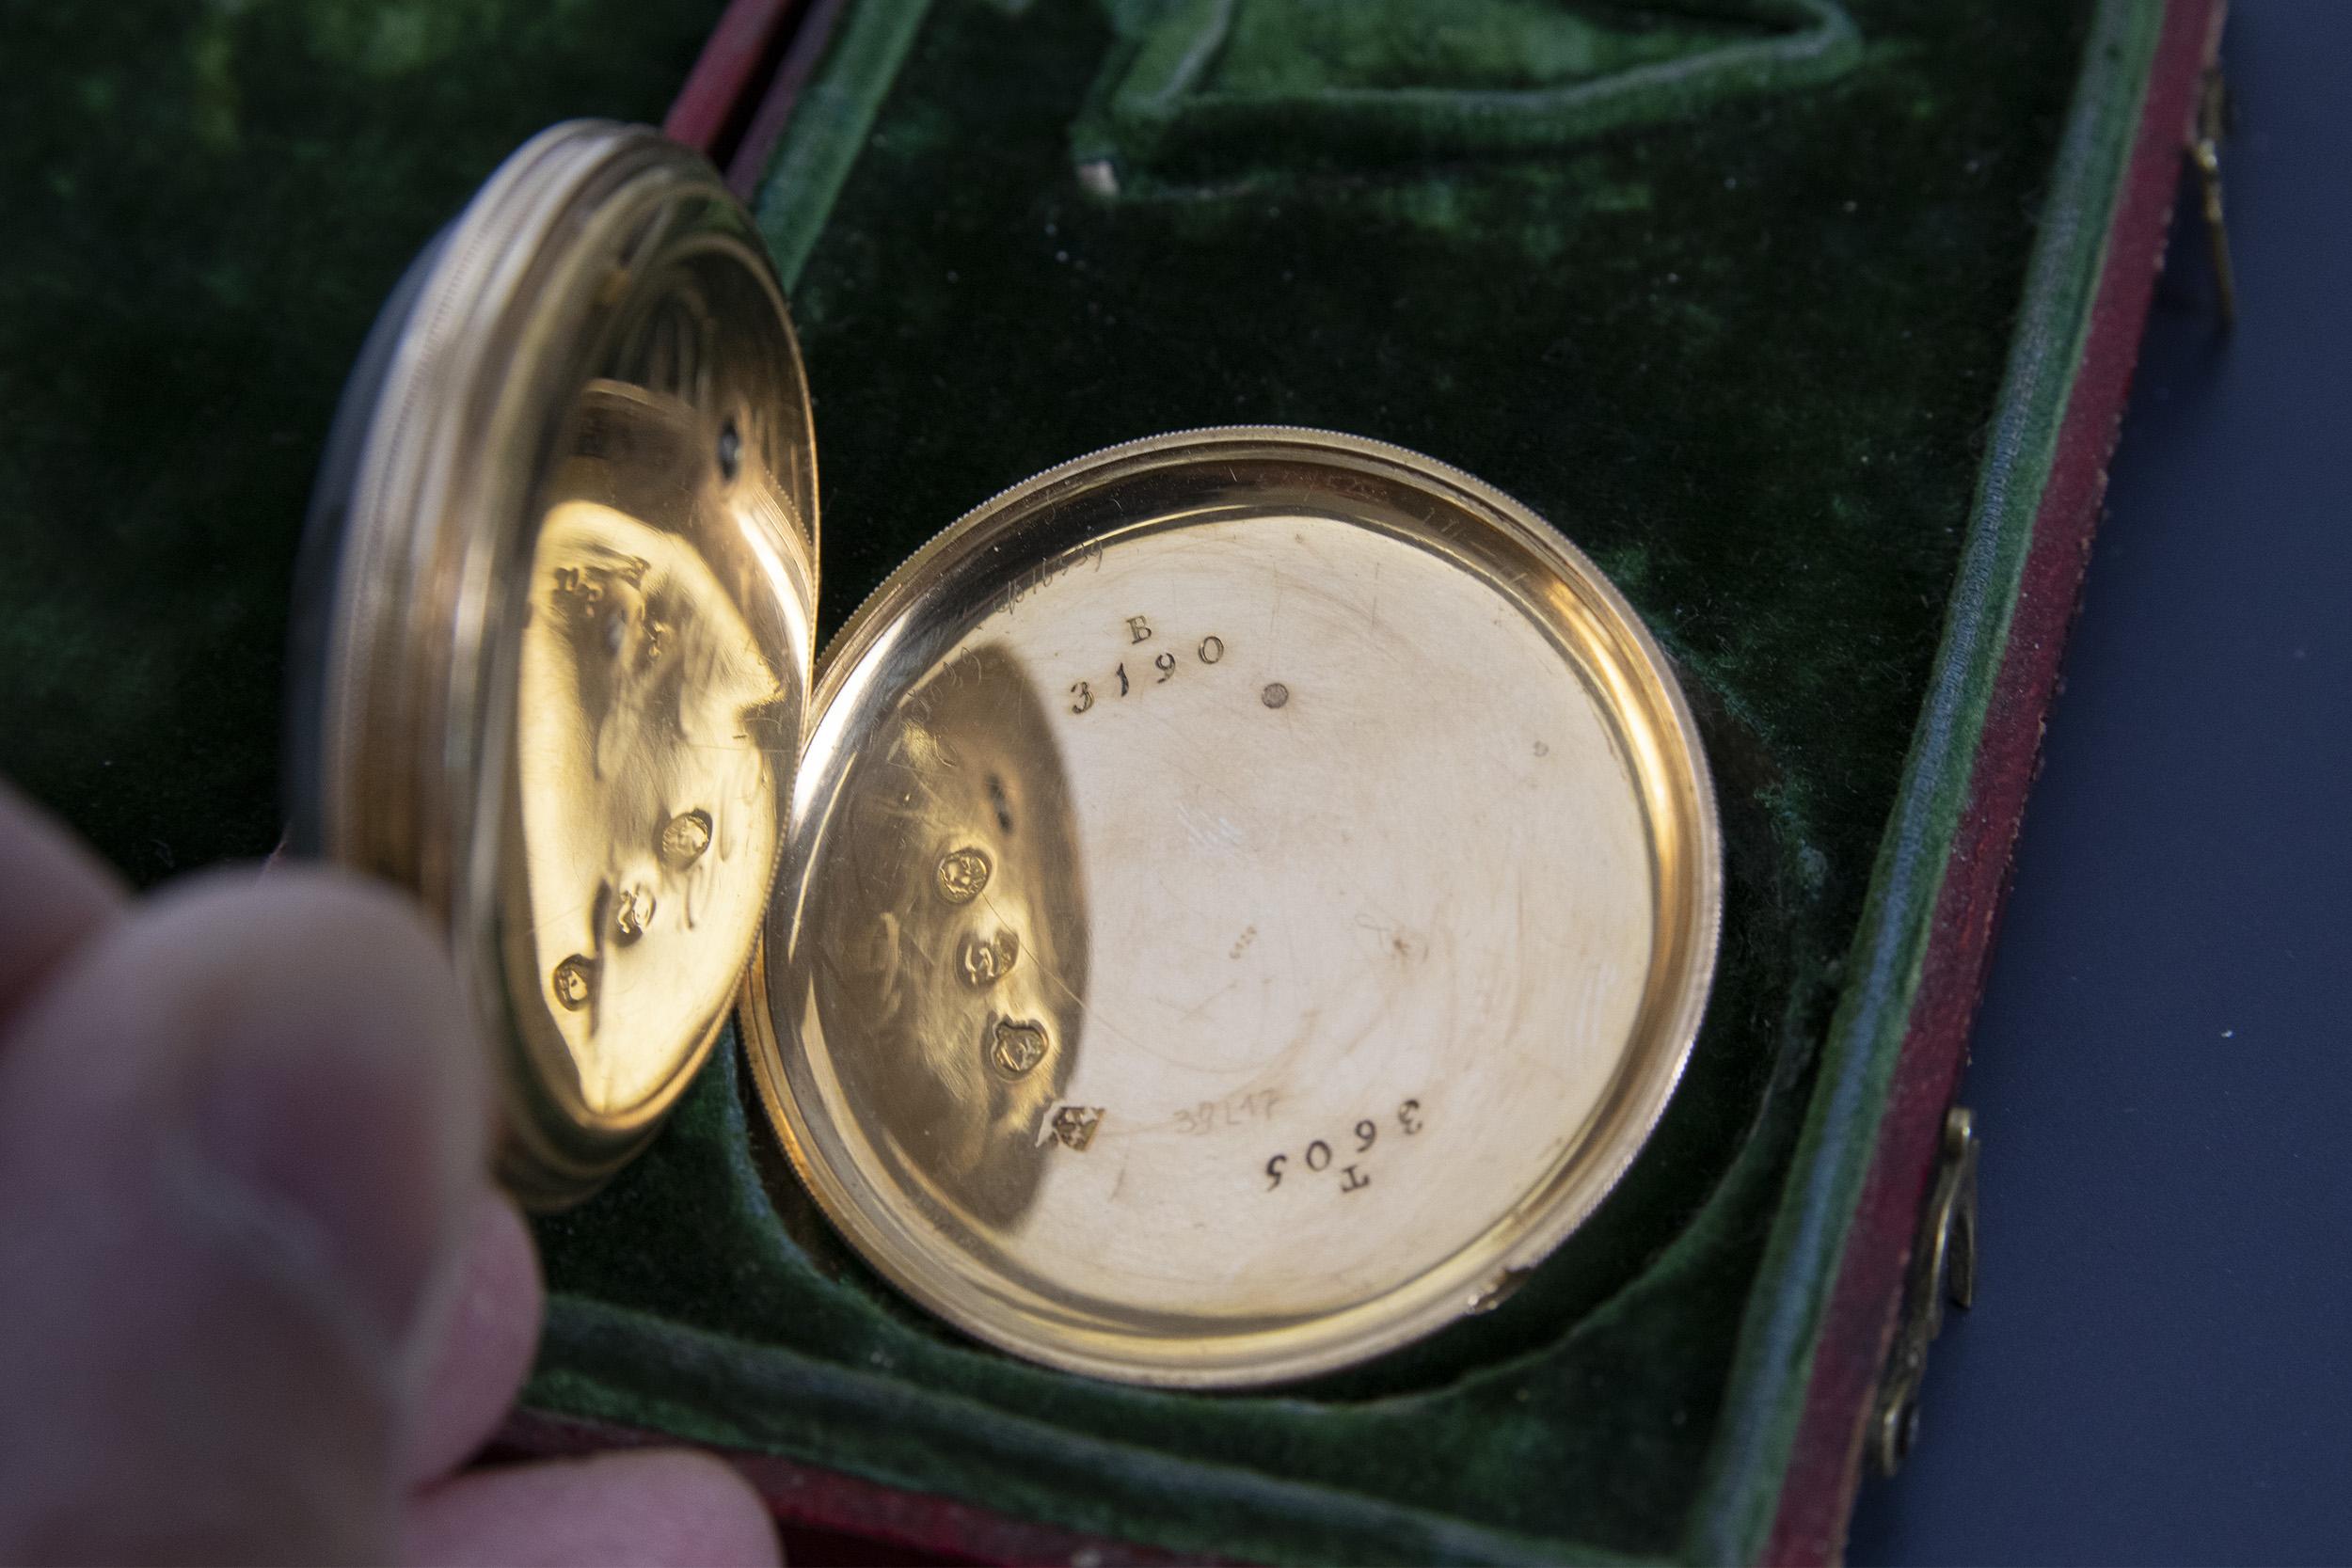 Breguet N°3190, vendue en 1819 au Baron de Vietinghoff 40908051603_e995fddfb0_o